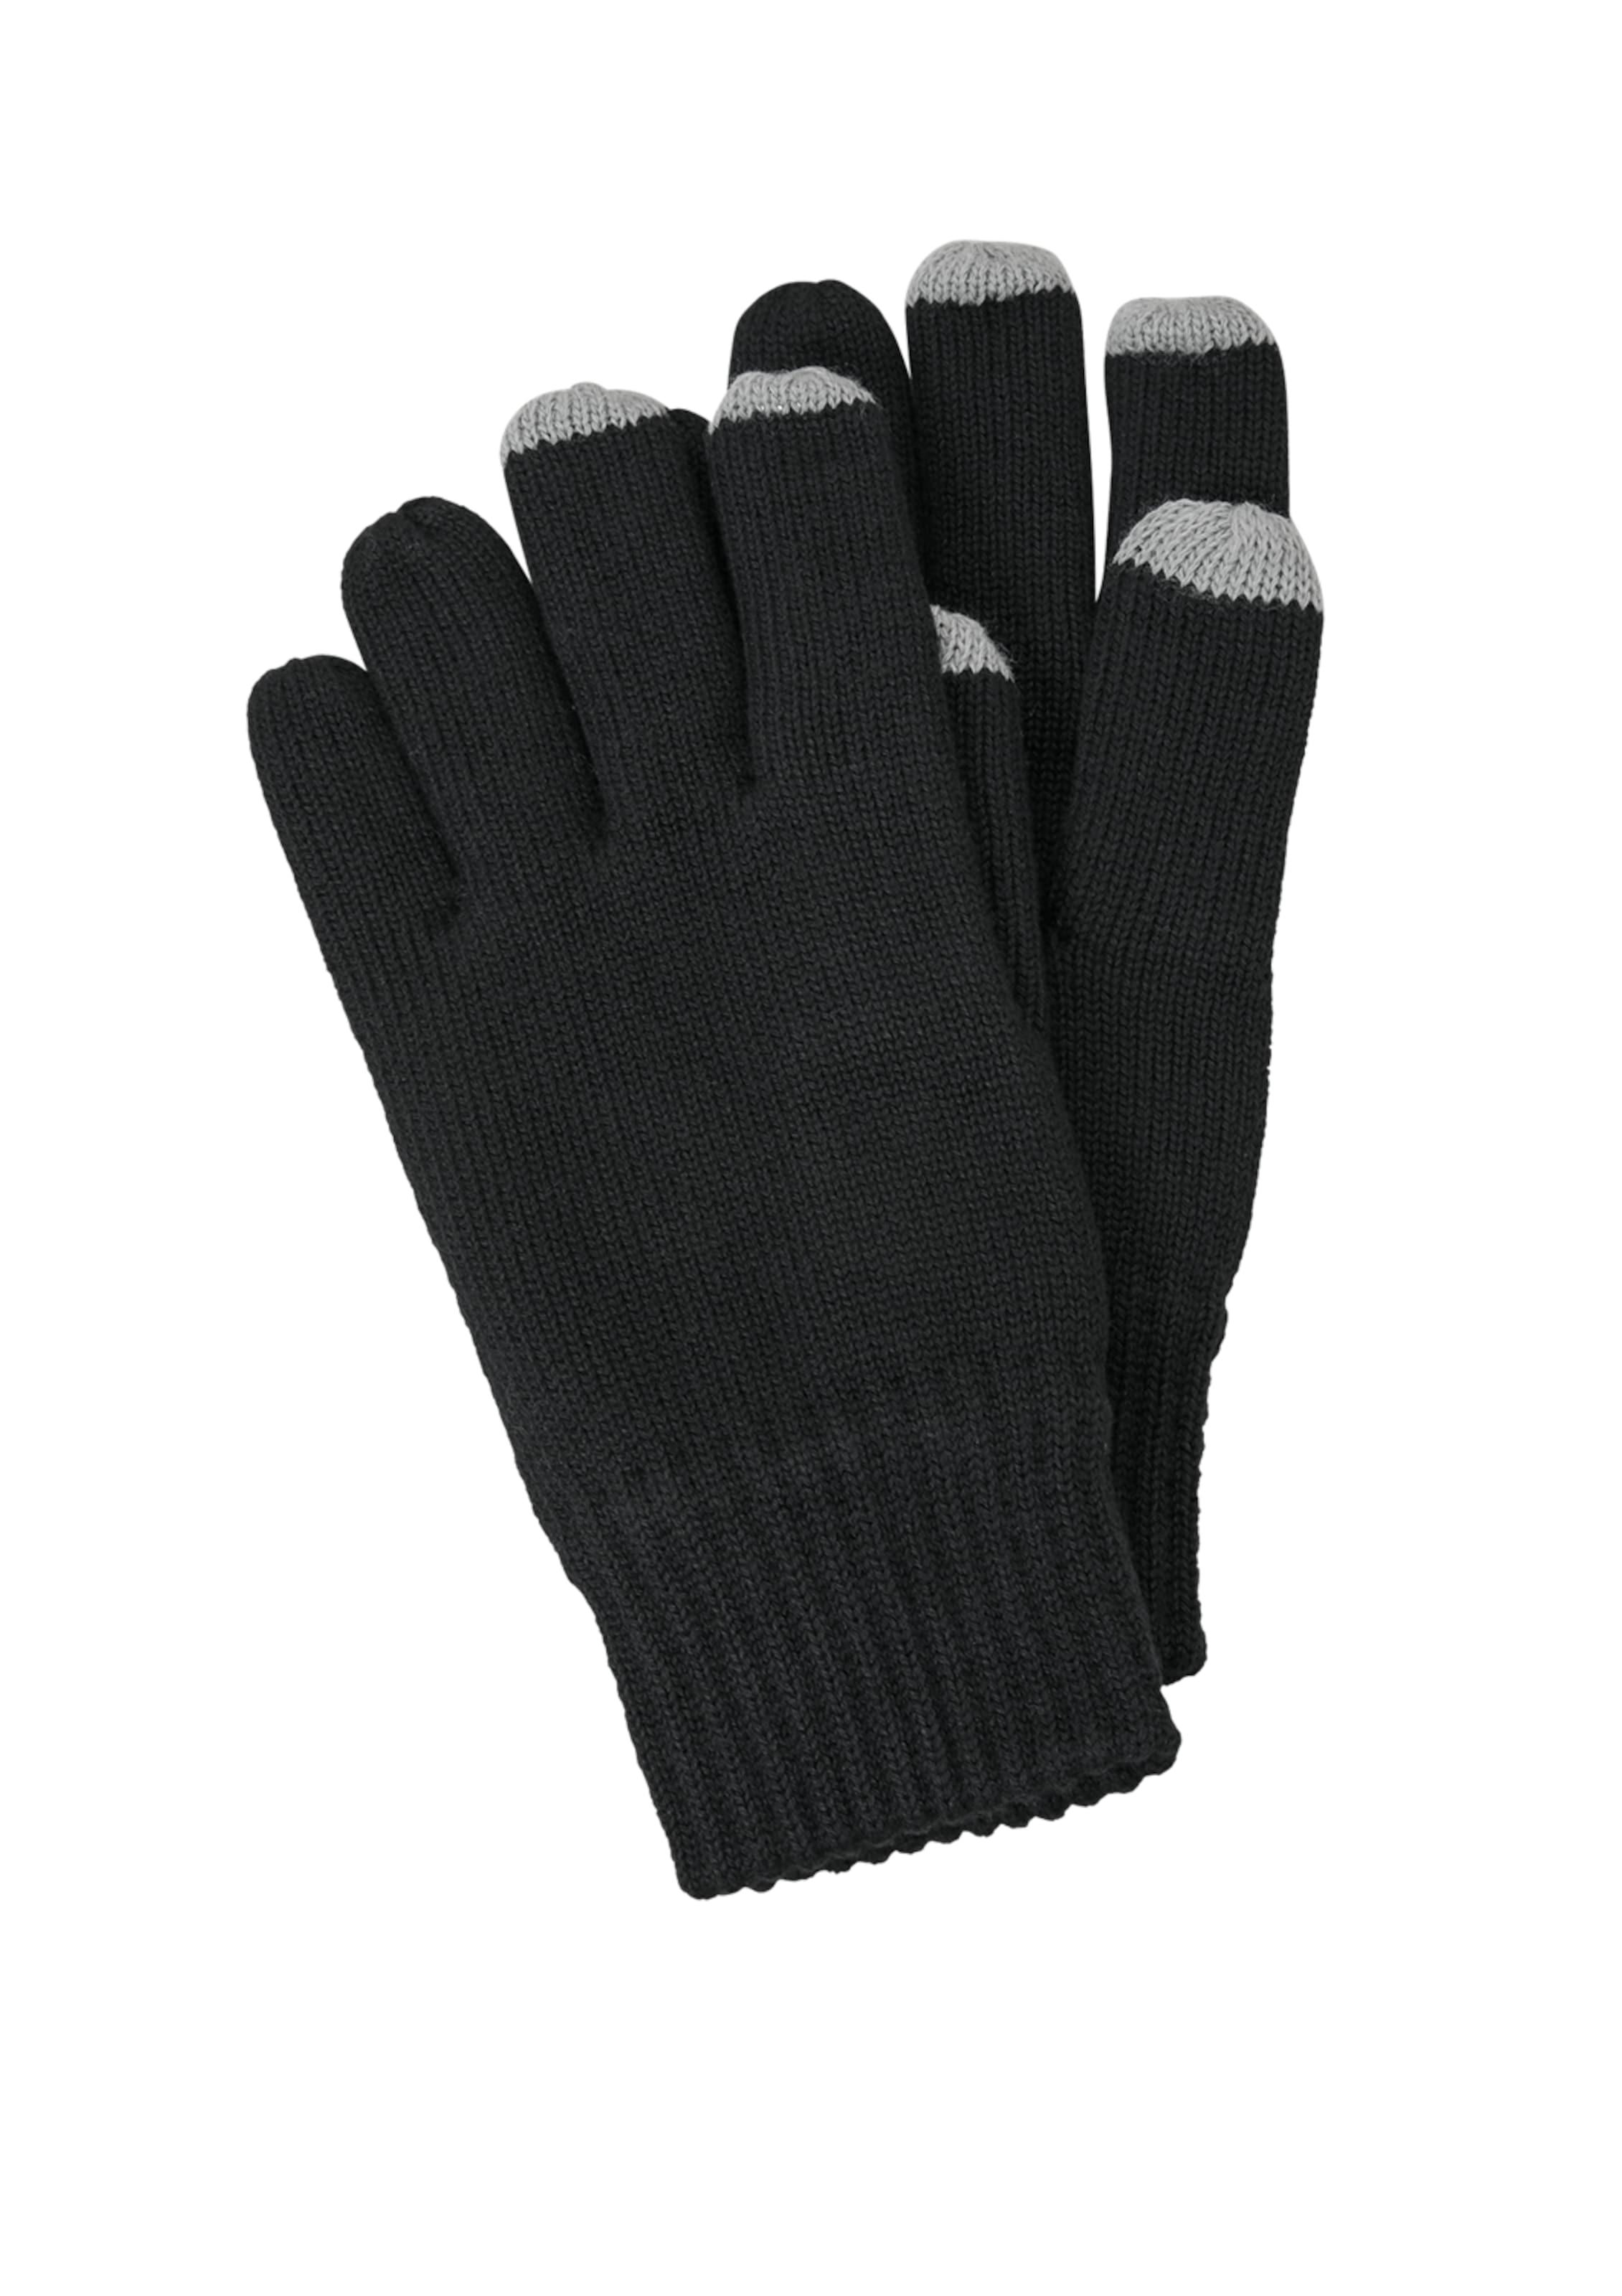 In Handschuhe oliver GrauSchwarz Handschuhe oliver S S XPiOkuZ